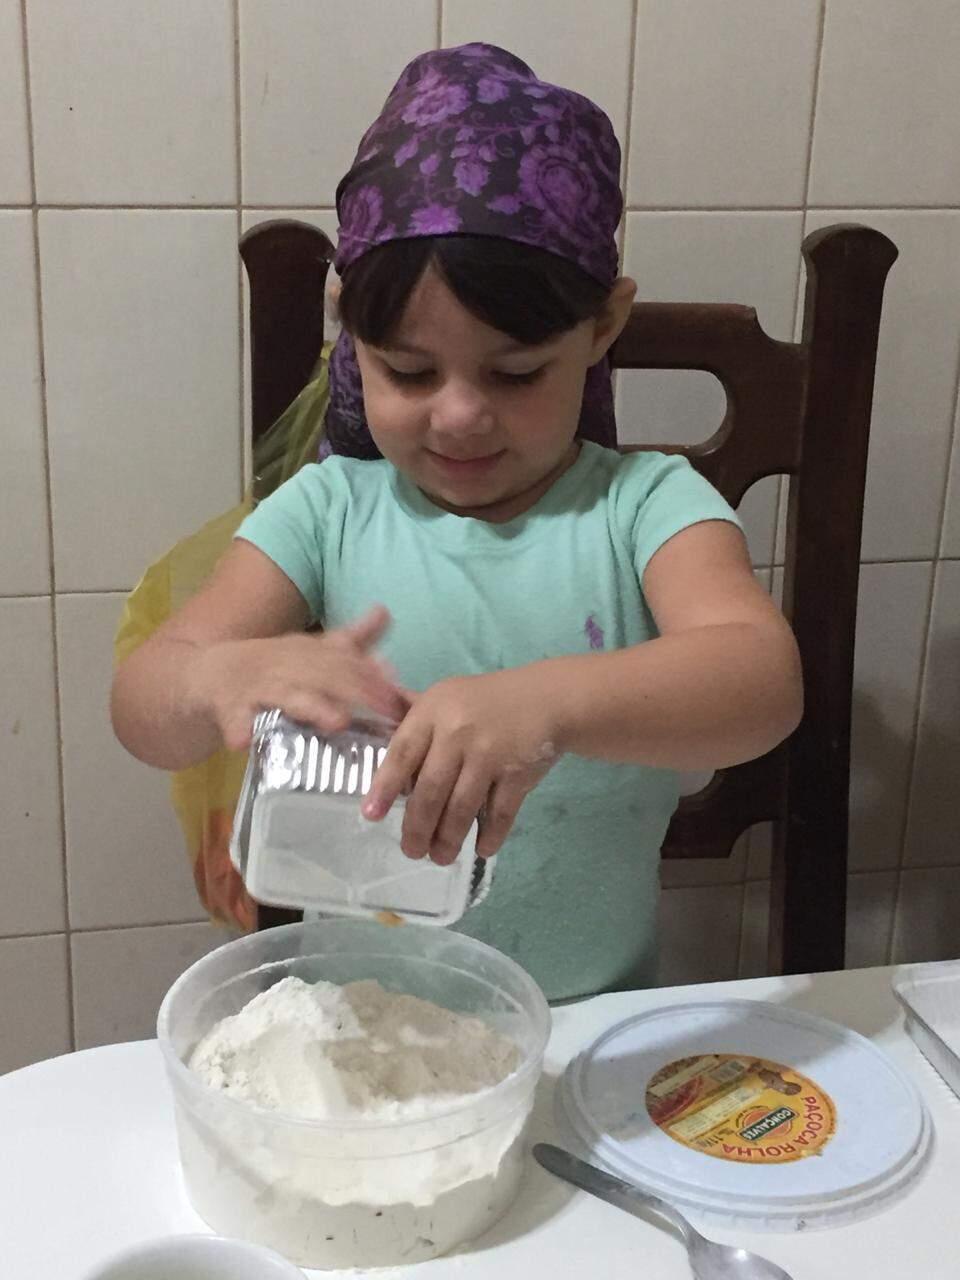 Maria misturando os ingredientes secos antes de bater (Foto: Arquivo Pessoal)